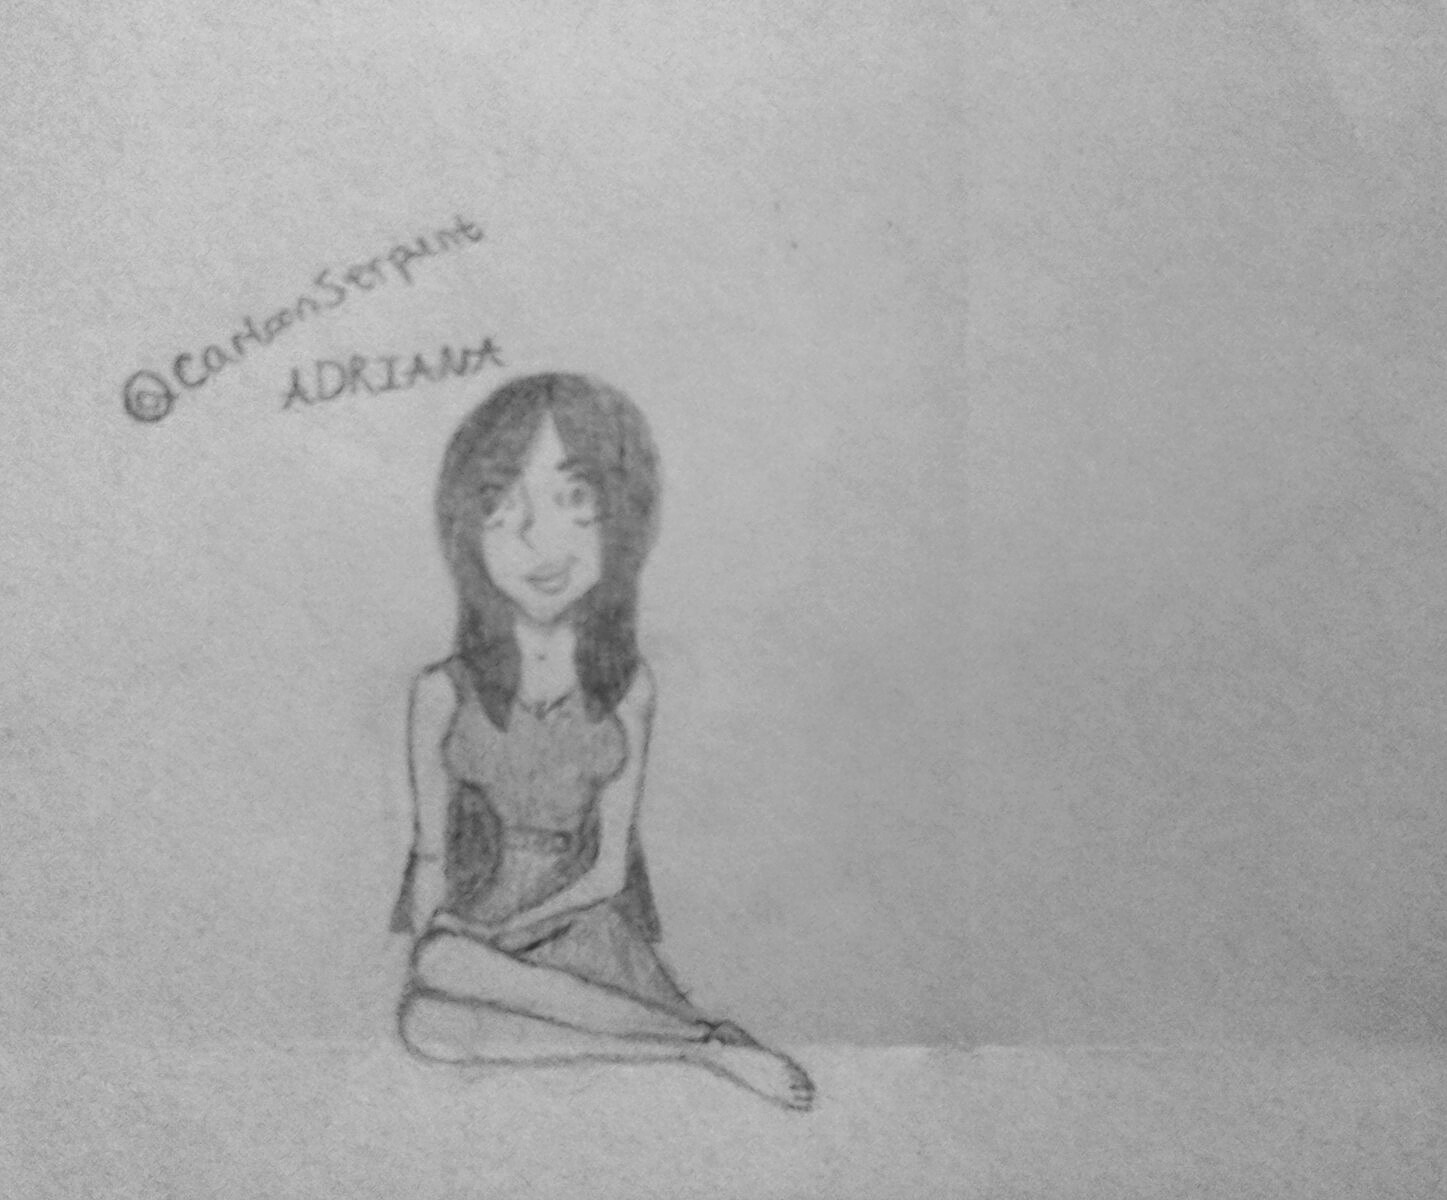 Sketch of a friend.